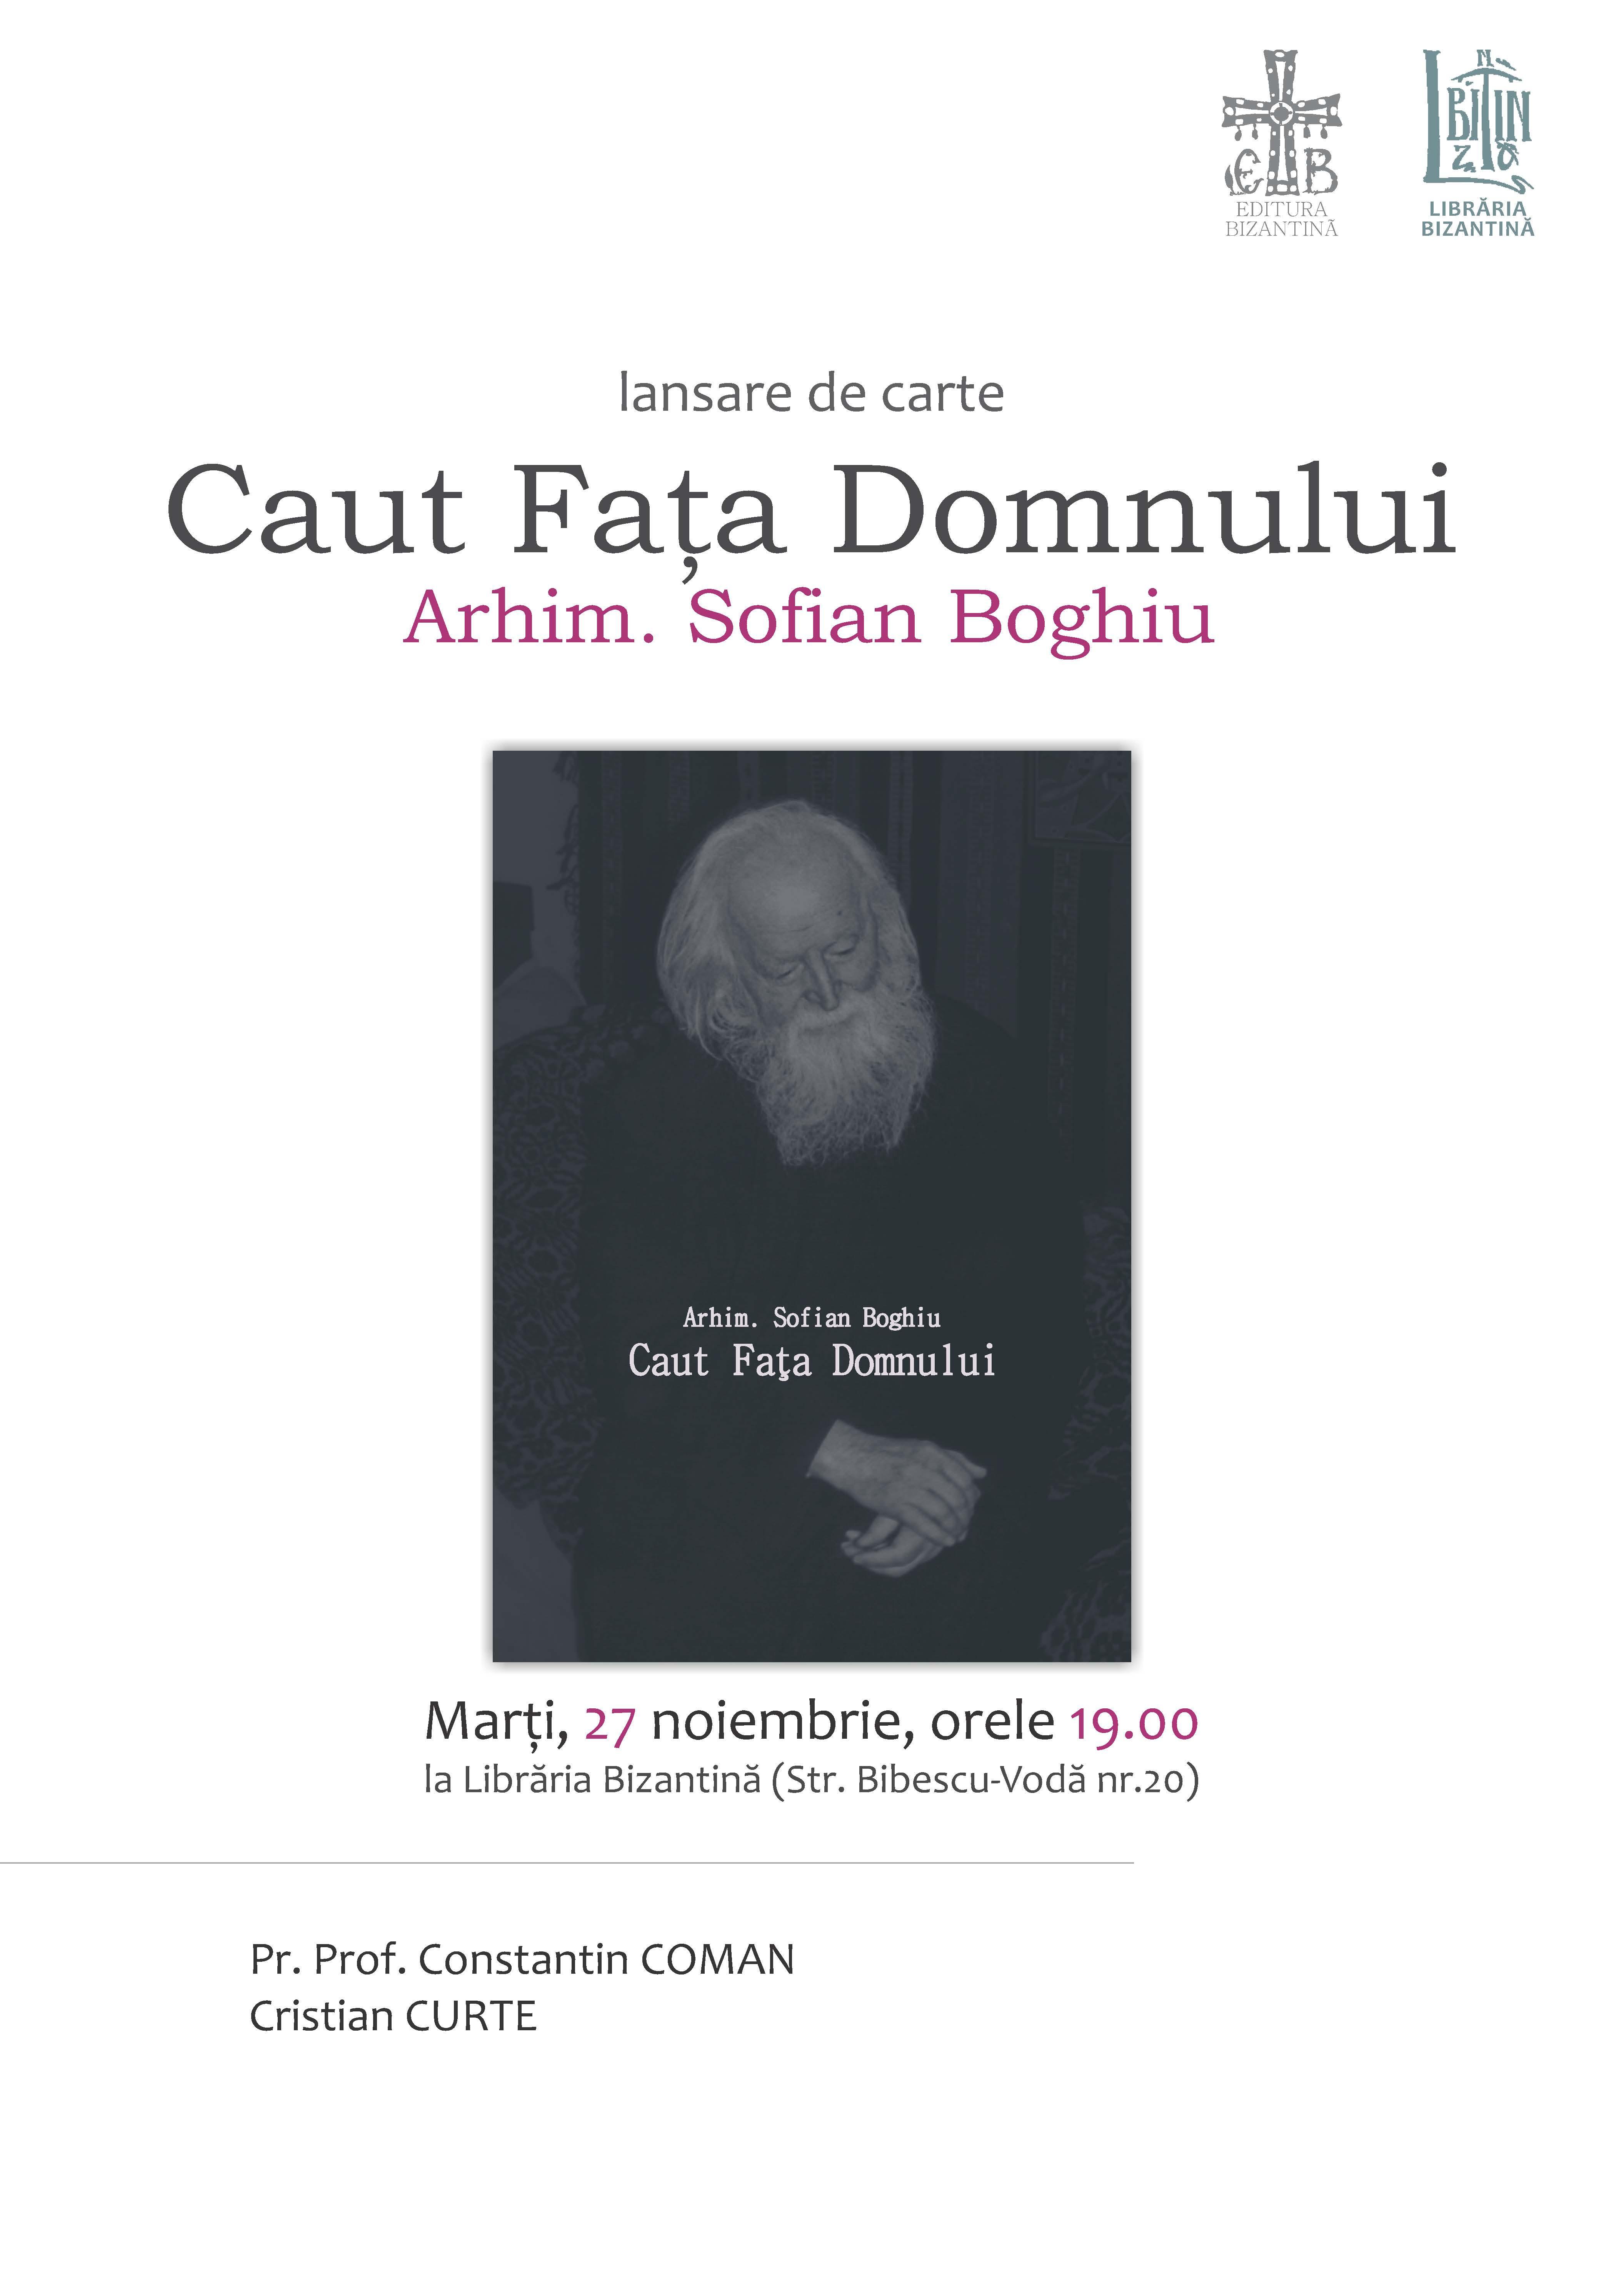 """Marti, 27 noiembrie, ora 19:00 - Lansare de carte, """"Caut fata Domnului"""", Pr. Sofian Boghiu (insemnari) - Editura Bizantina"""